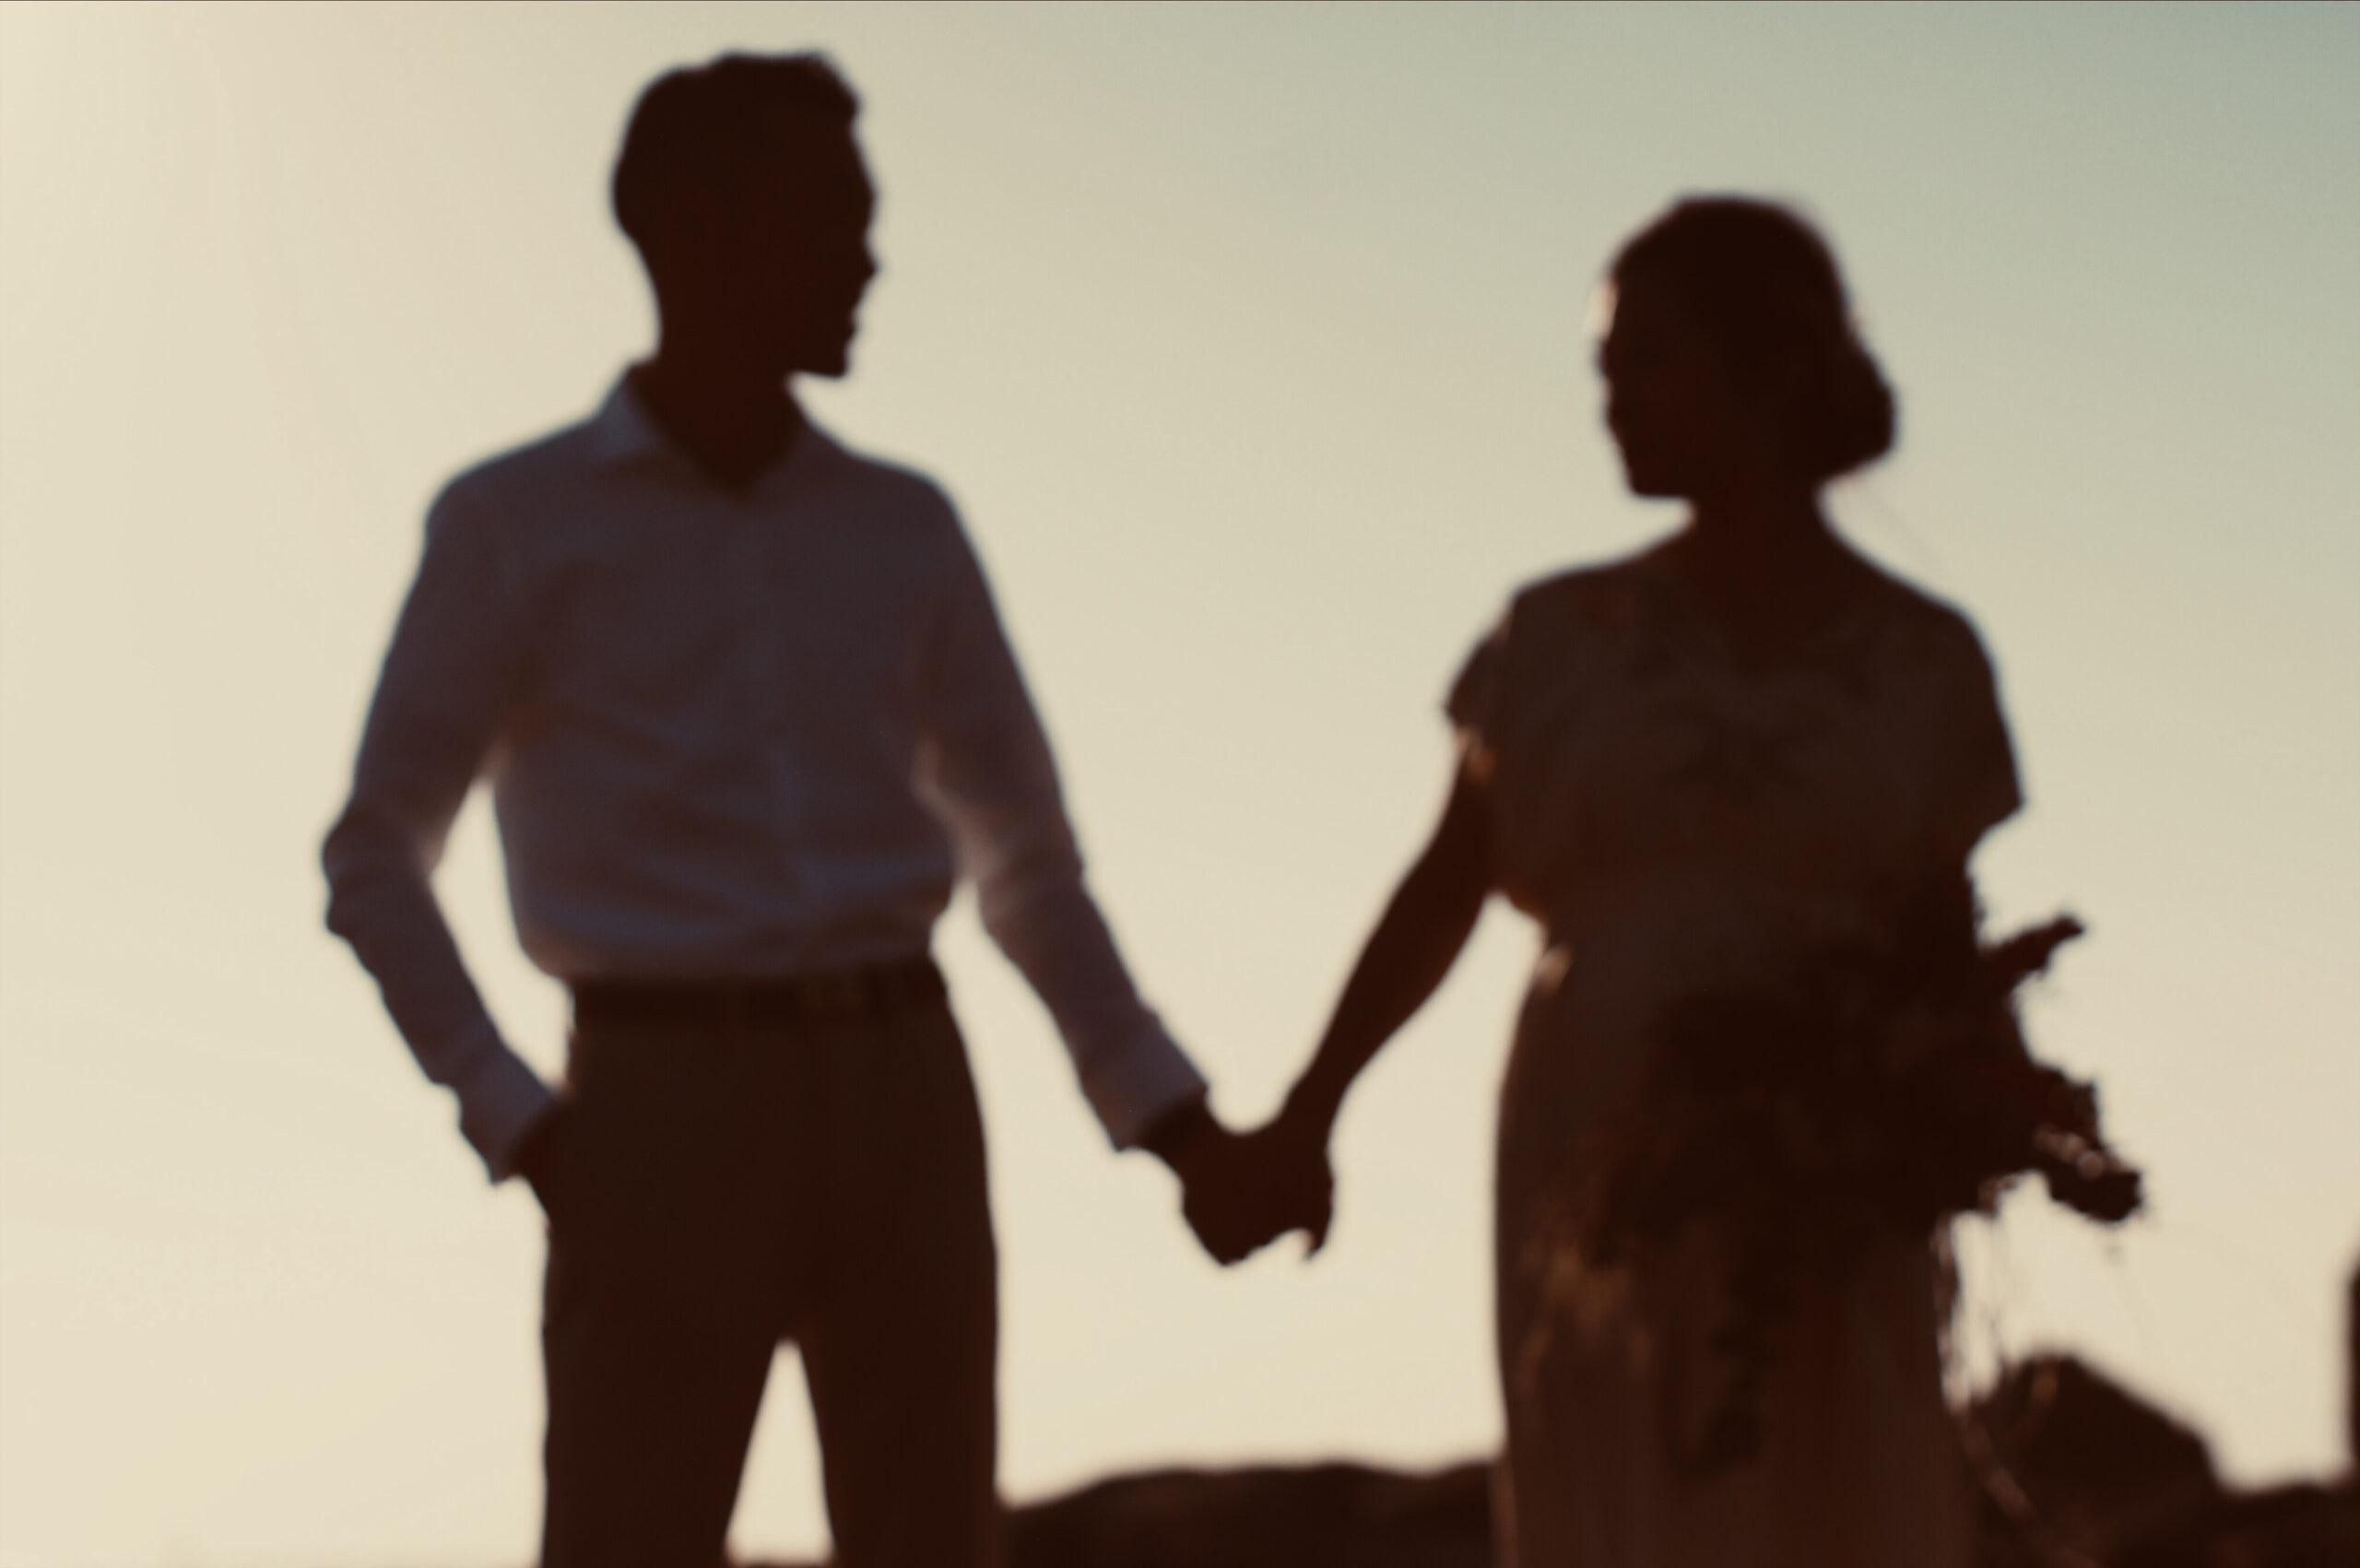 恋愛は、一人ではできないものだから